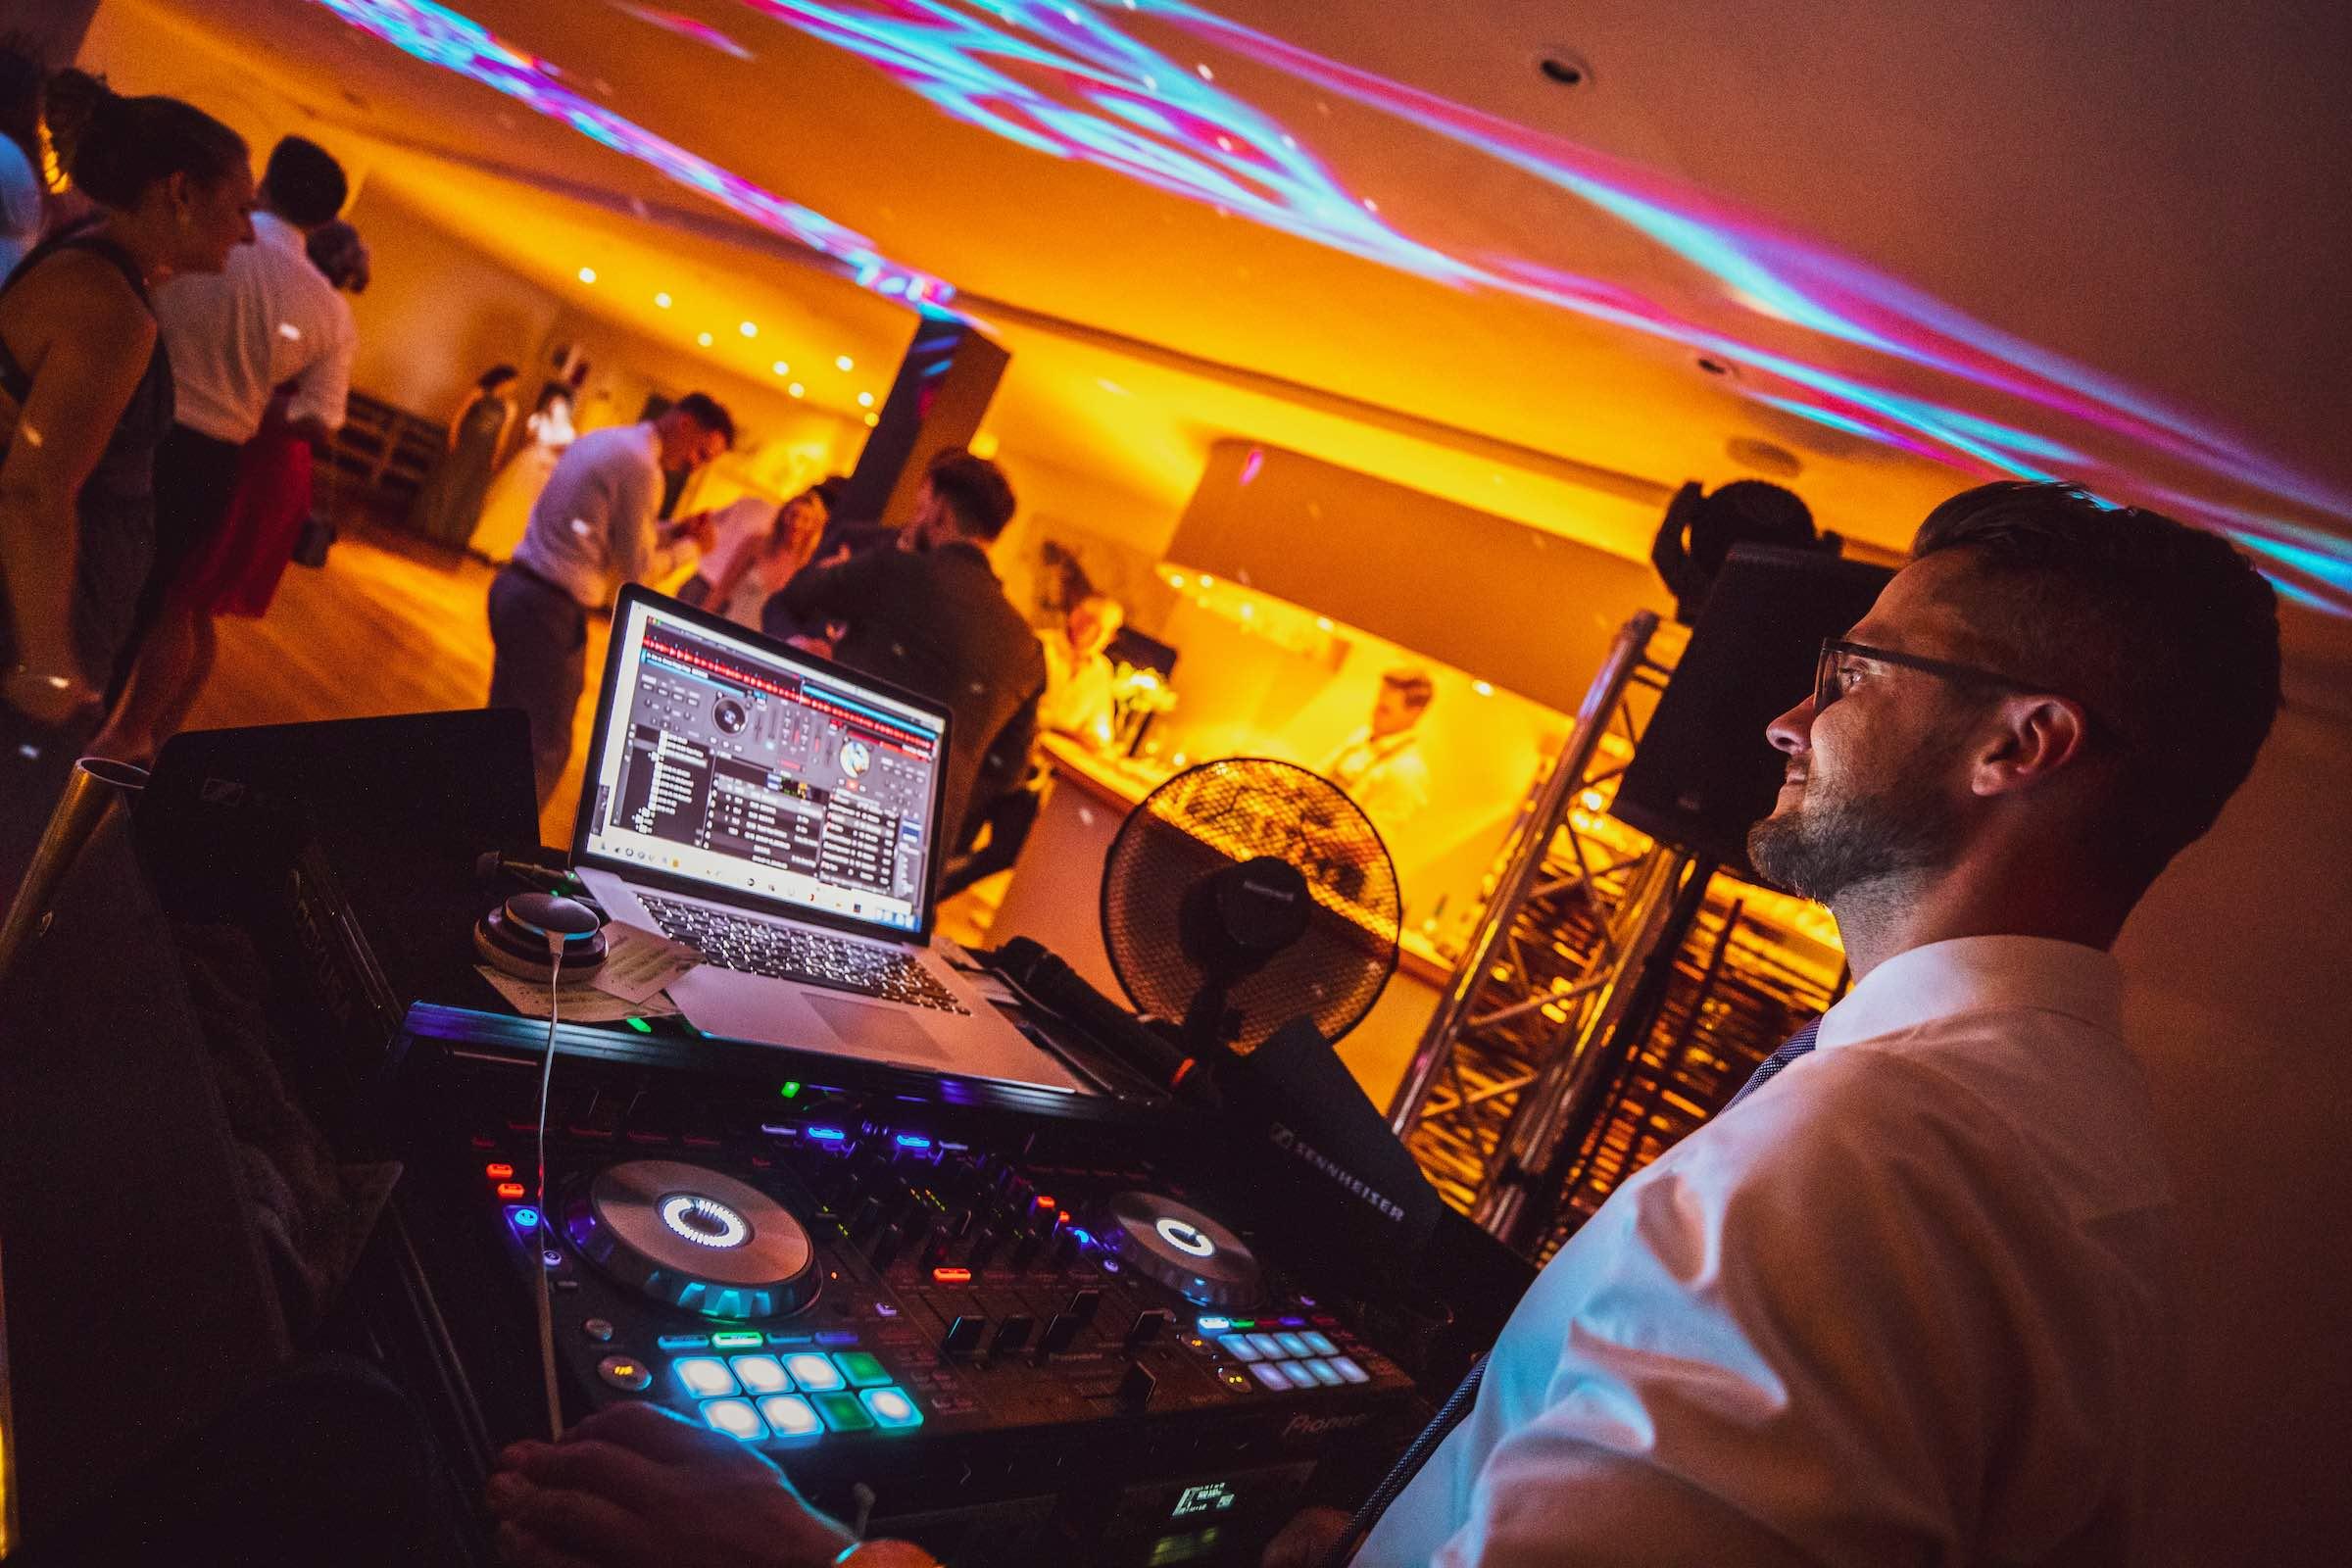 DJ | Hochzeit | Hannover | Daniel | Paar | Discjockey Messe | Event | DJ | Geburtstag | Betriebsfeier | Buchen | Discjockey | Mieten | Anfragen | Lehmann | Eventservice